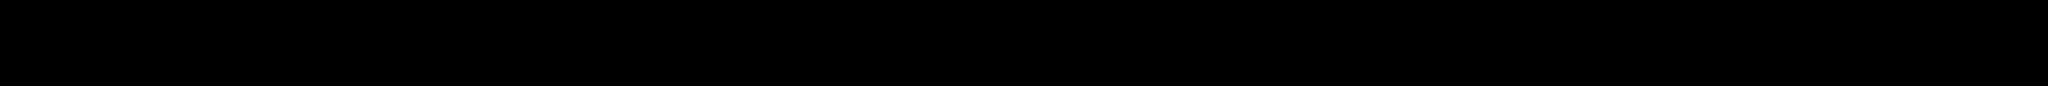 FEBI BILSTEIN 1 054 468, 1 107 351, 1 148 366, 7 230 447, 7 420 372 Filter, Innenraumluft